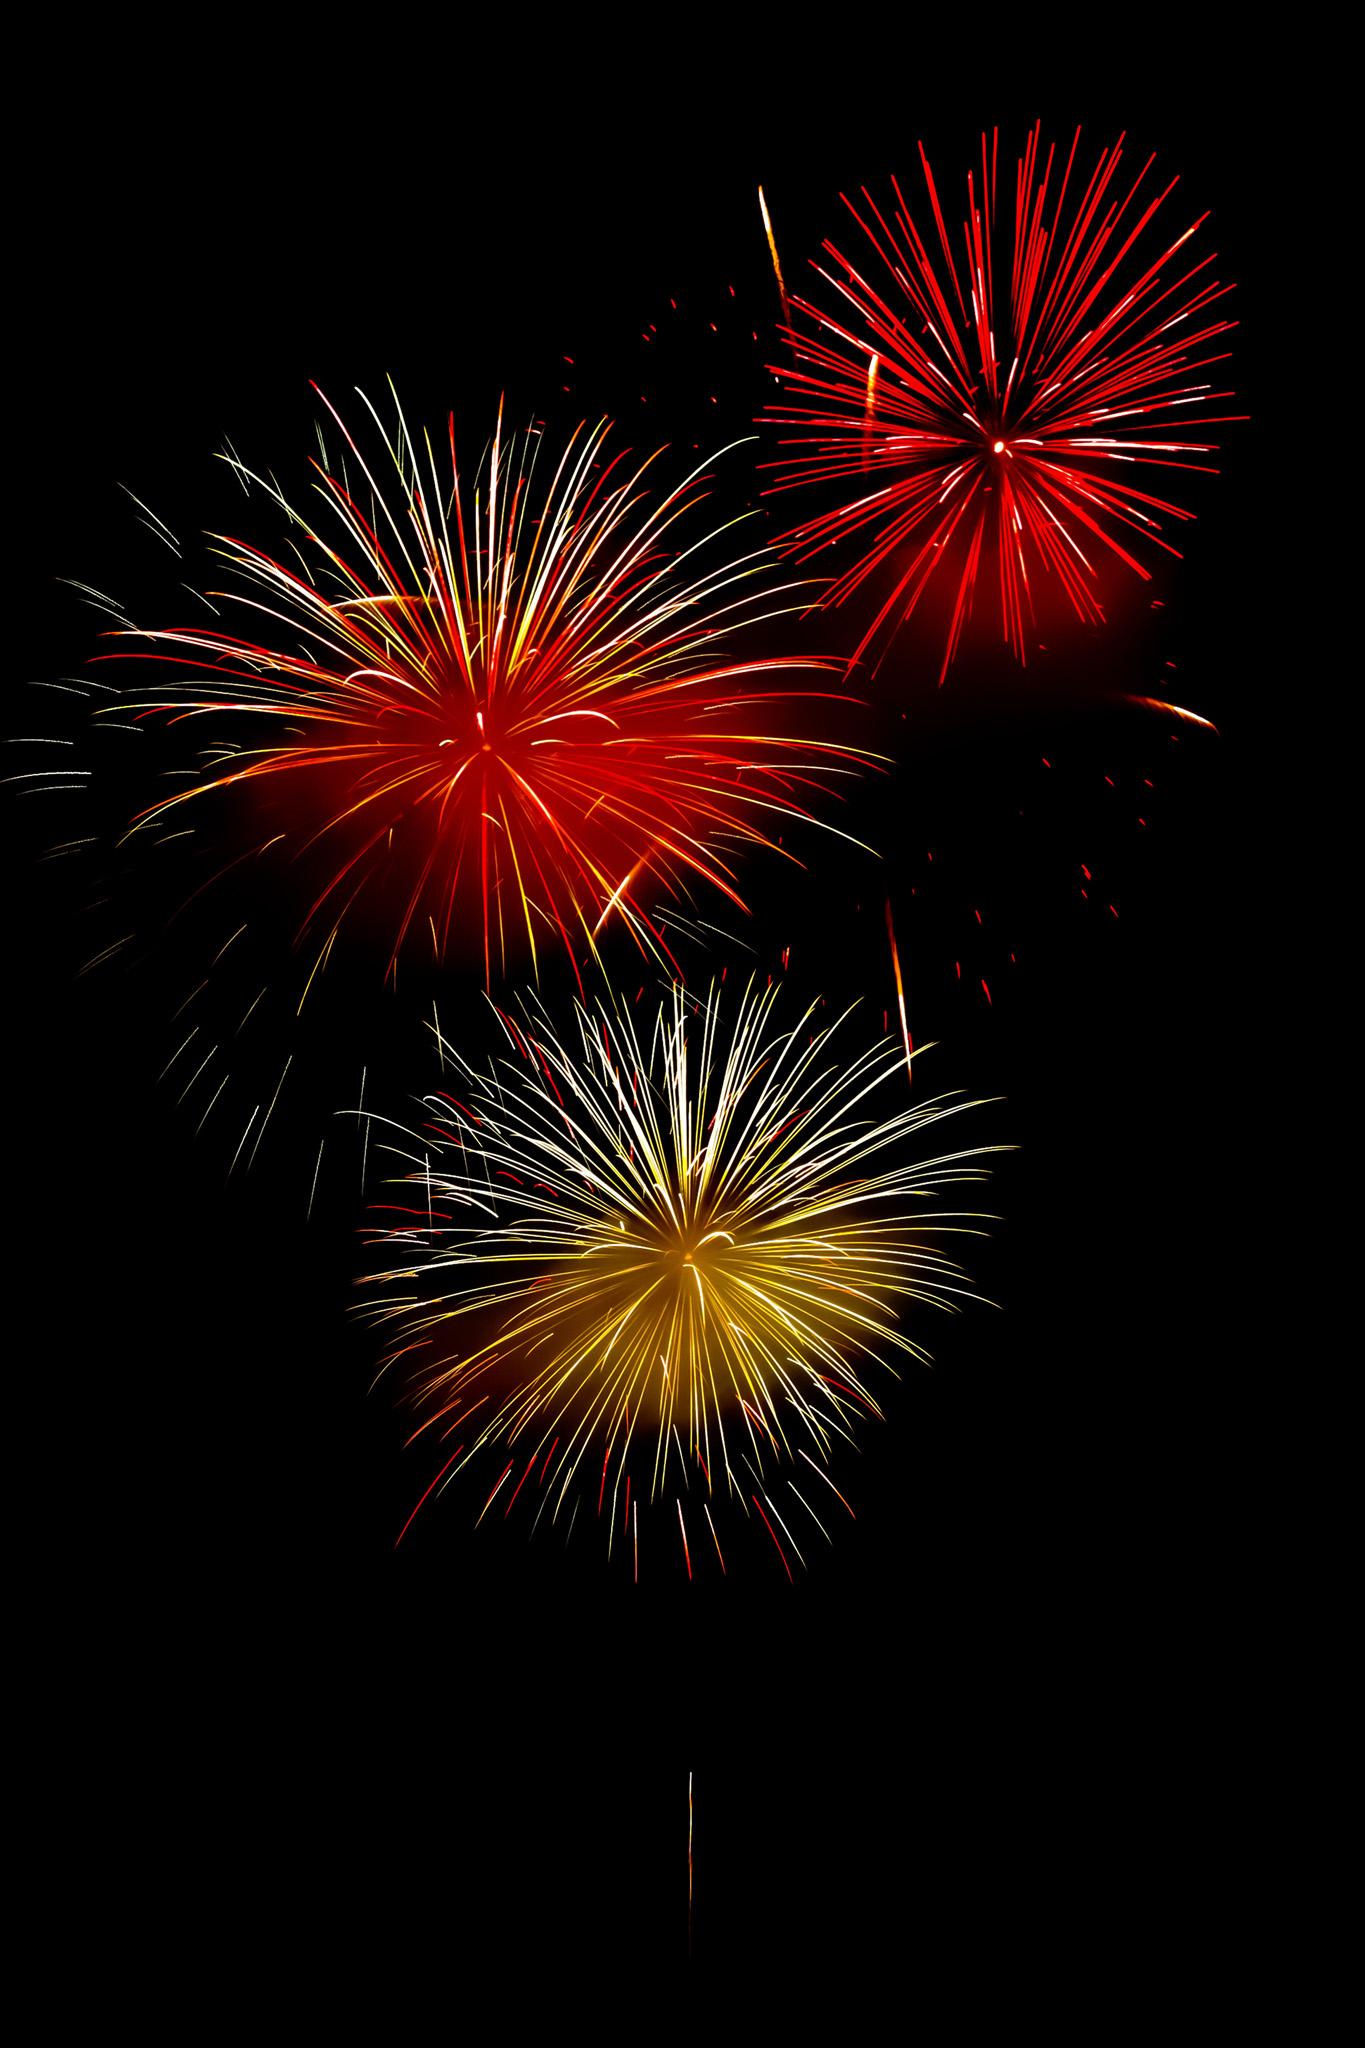 「煌びやかな花火と夜空」のテクスチャを無料ダウンロード